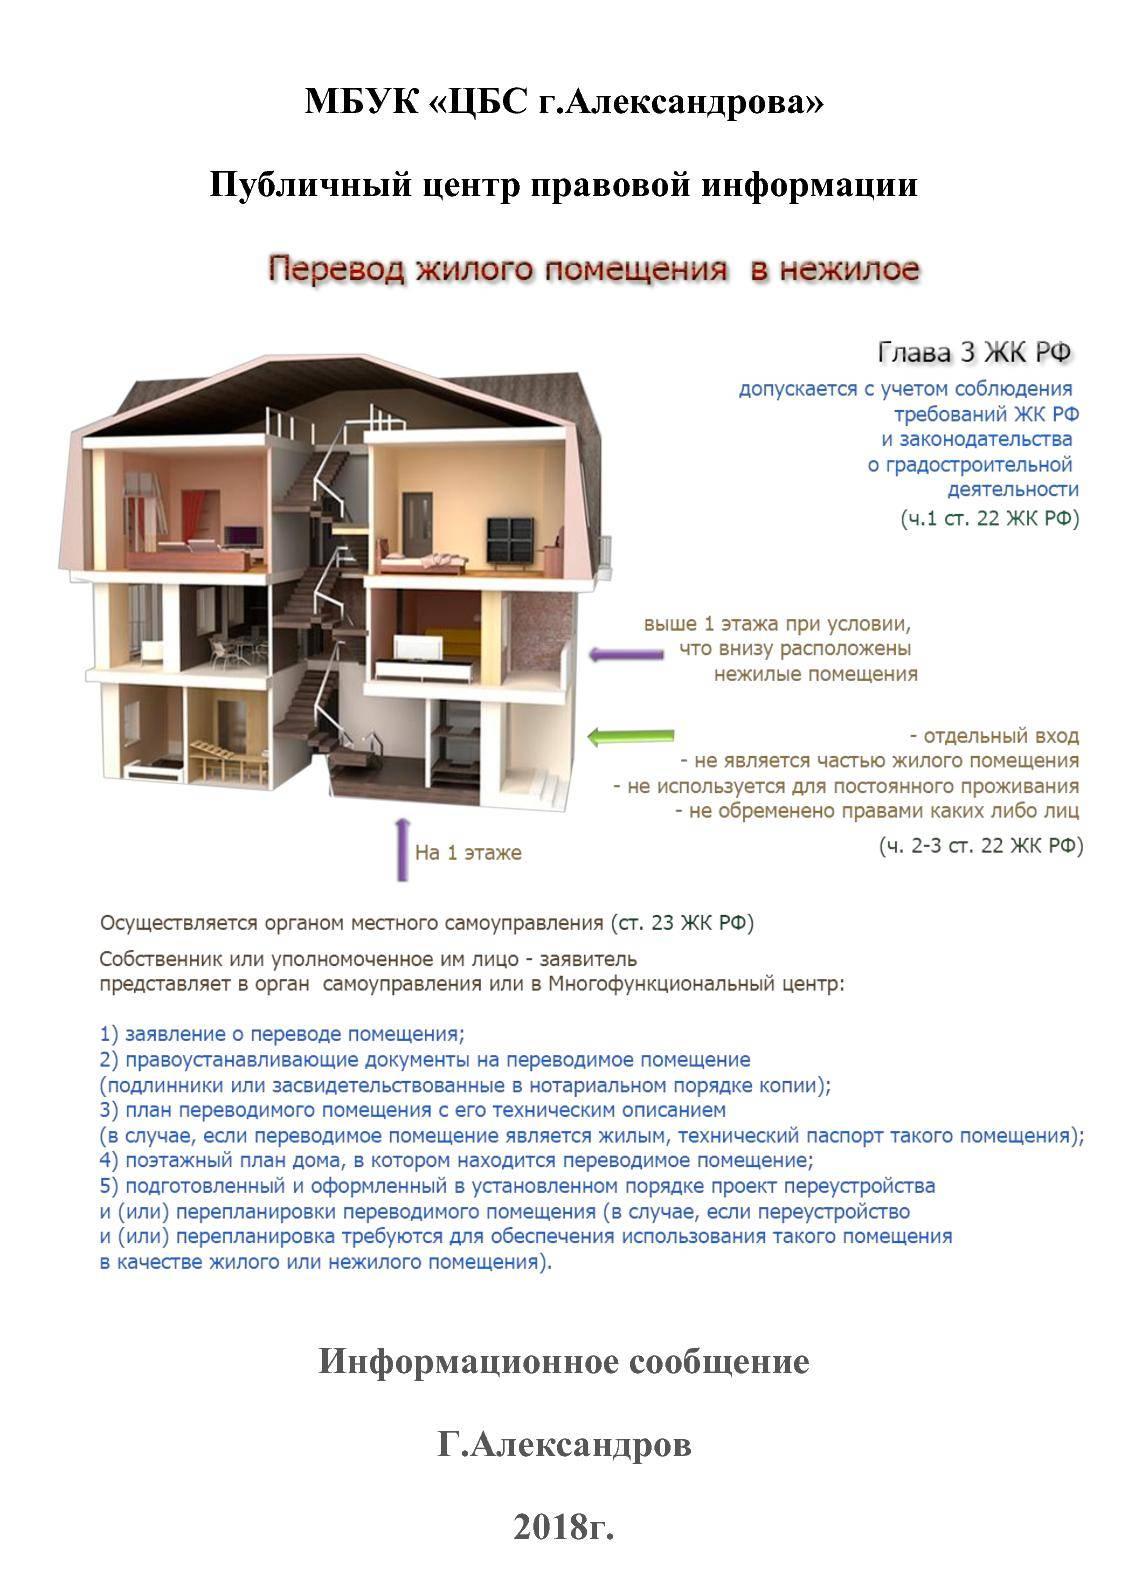 Алгоритм перевода нежилого помещения в жилое